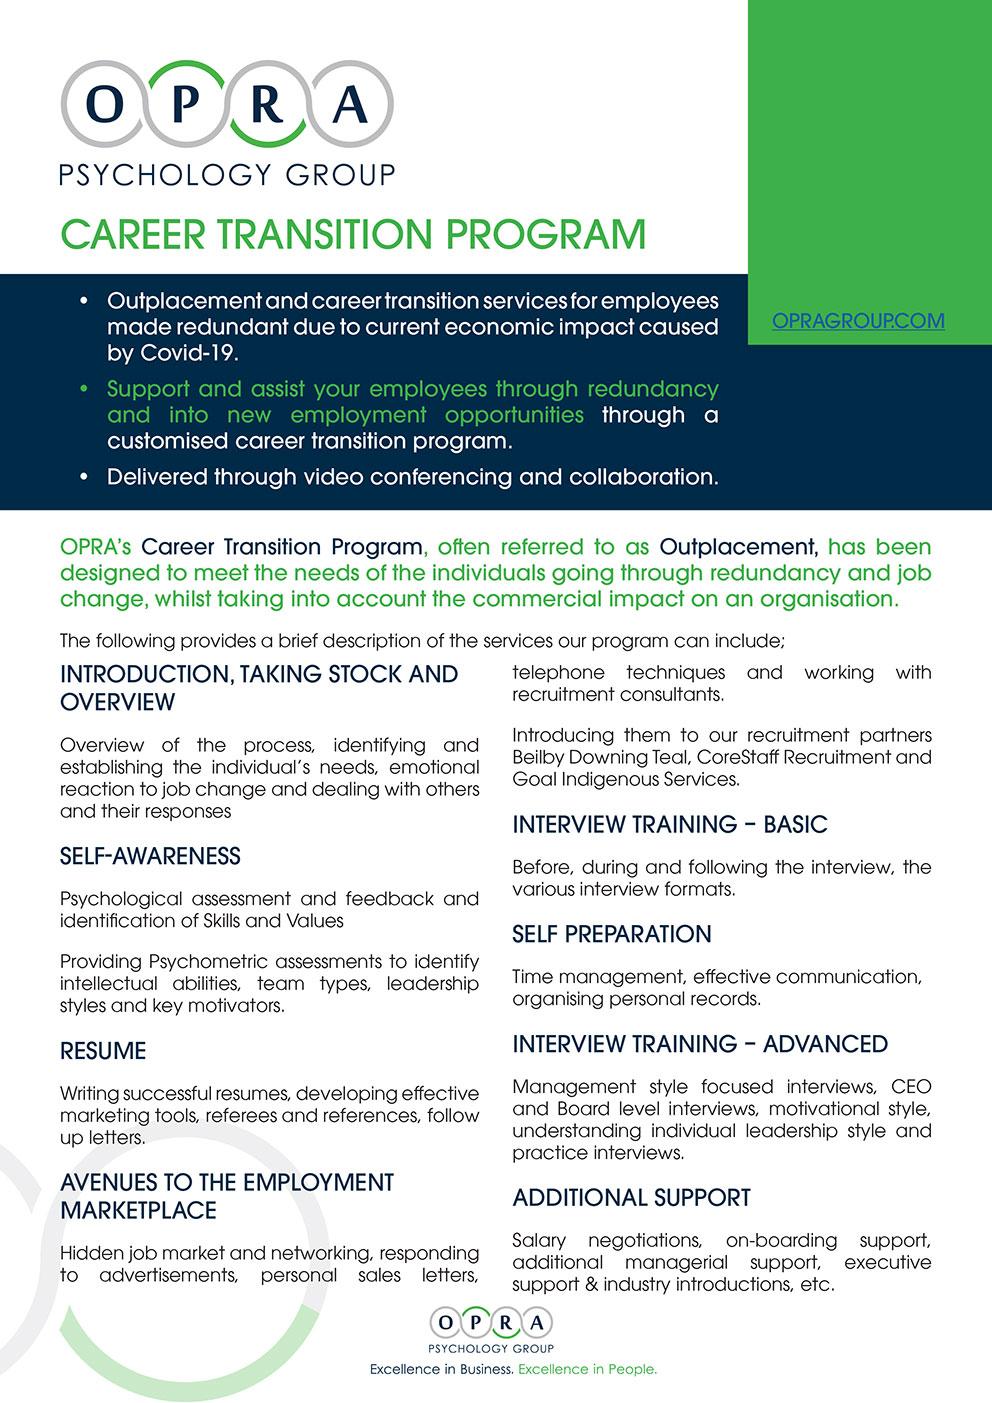 OPRA Career Transition Program